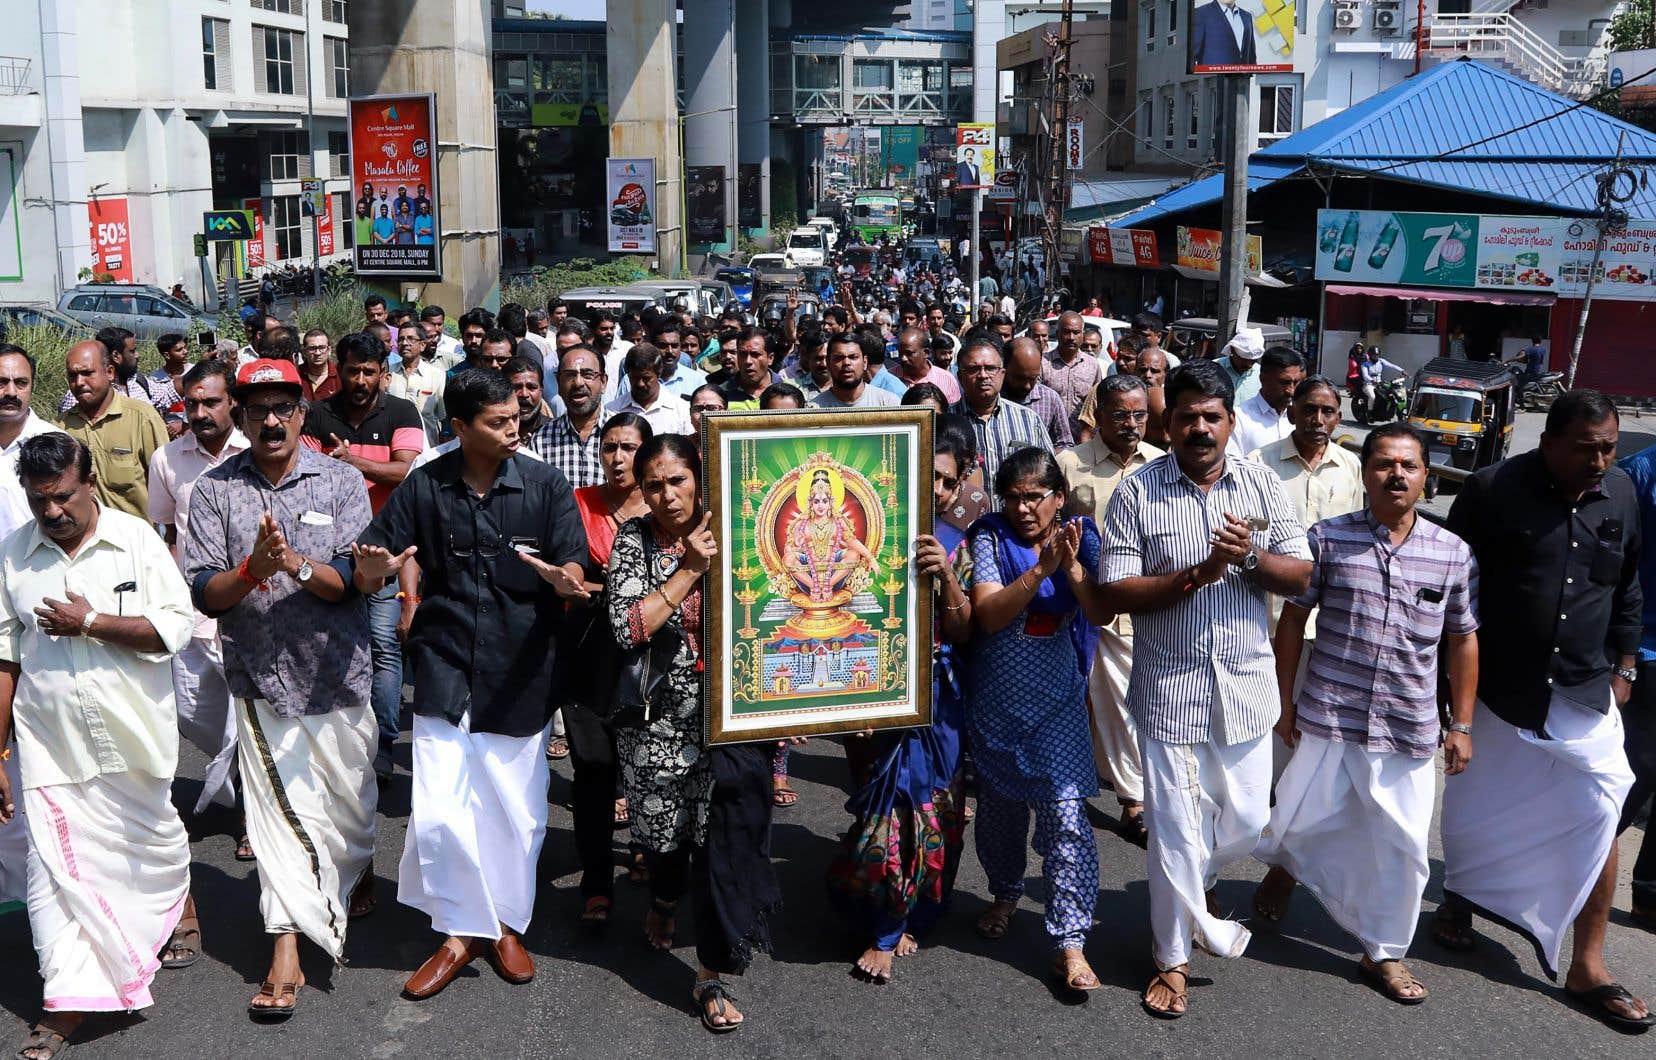 Des manifestants en Inde portent une photo de la divinité hindoue Ayyappa lors d'une manifestation qui a suivi l'entrée de deux femmes au temple Sabarimala, à Kochi, dans le sud de l'État de Kerala, le 2 janvier 2019.